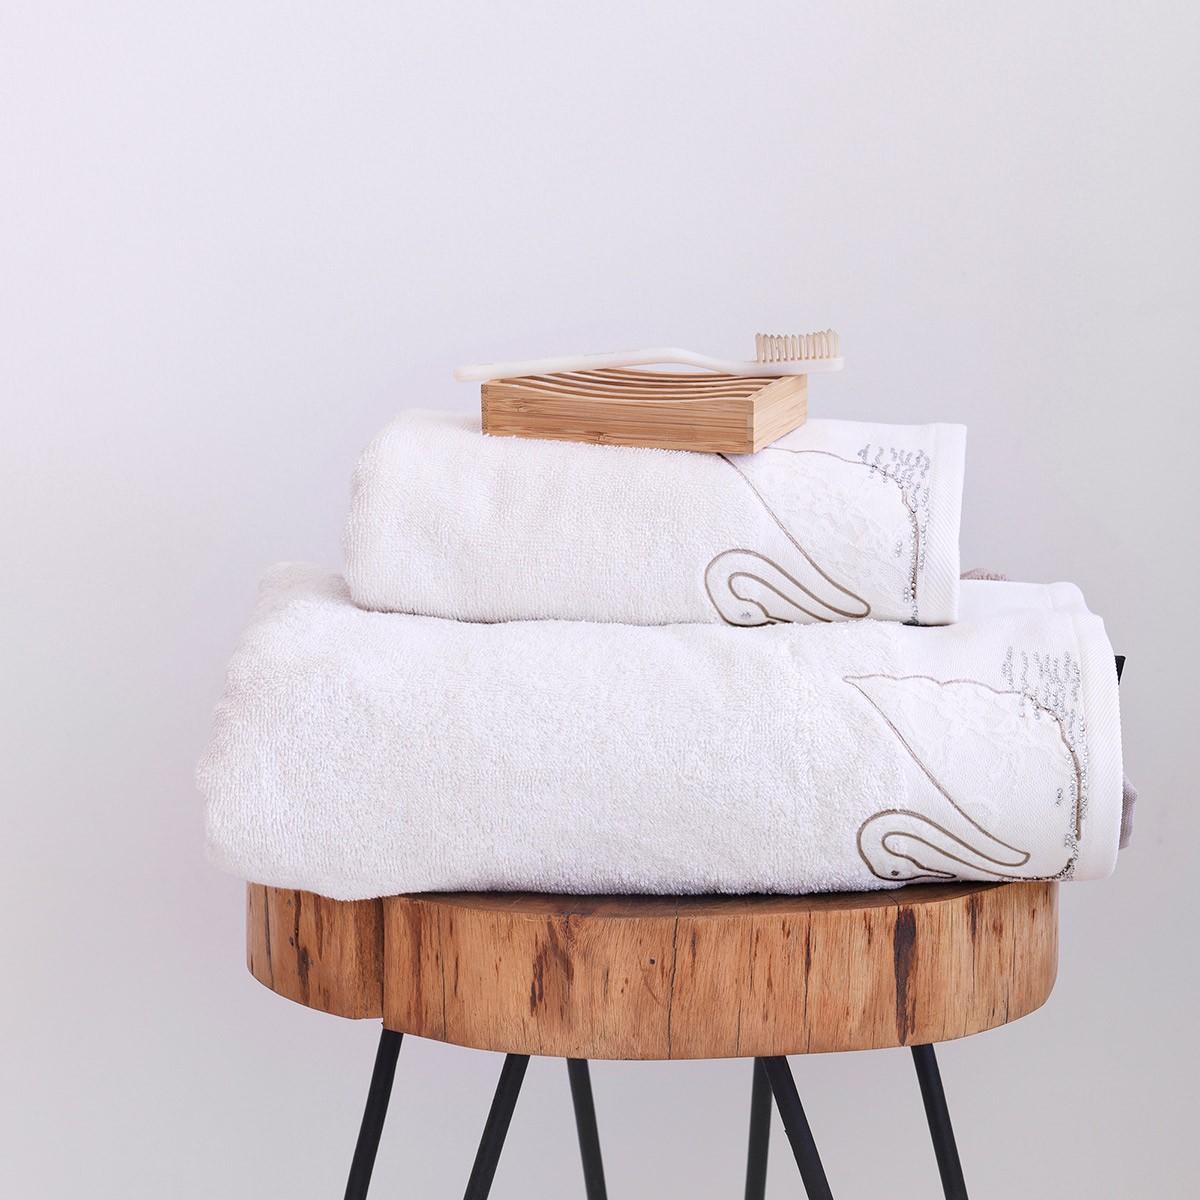 Πετσέτες Μπάνιου (Σετ 2τμχ) Sb Home Swan Cream 75920